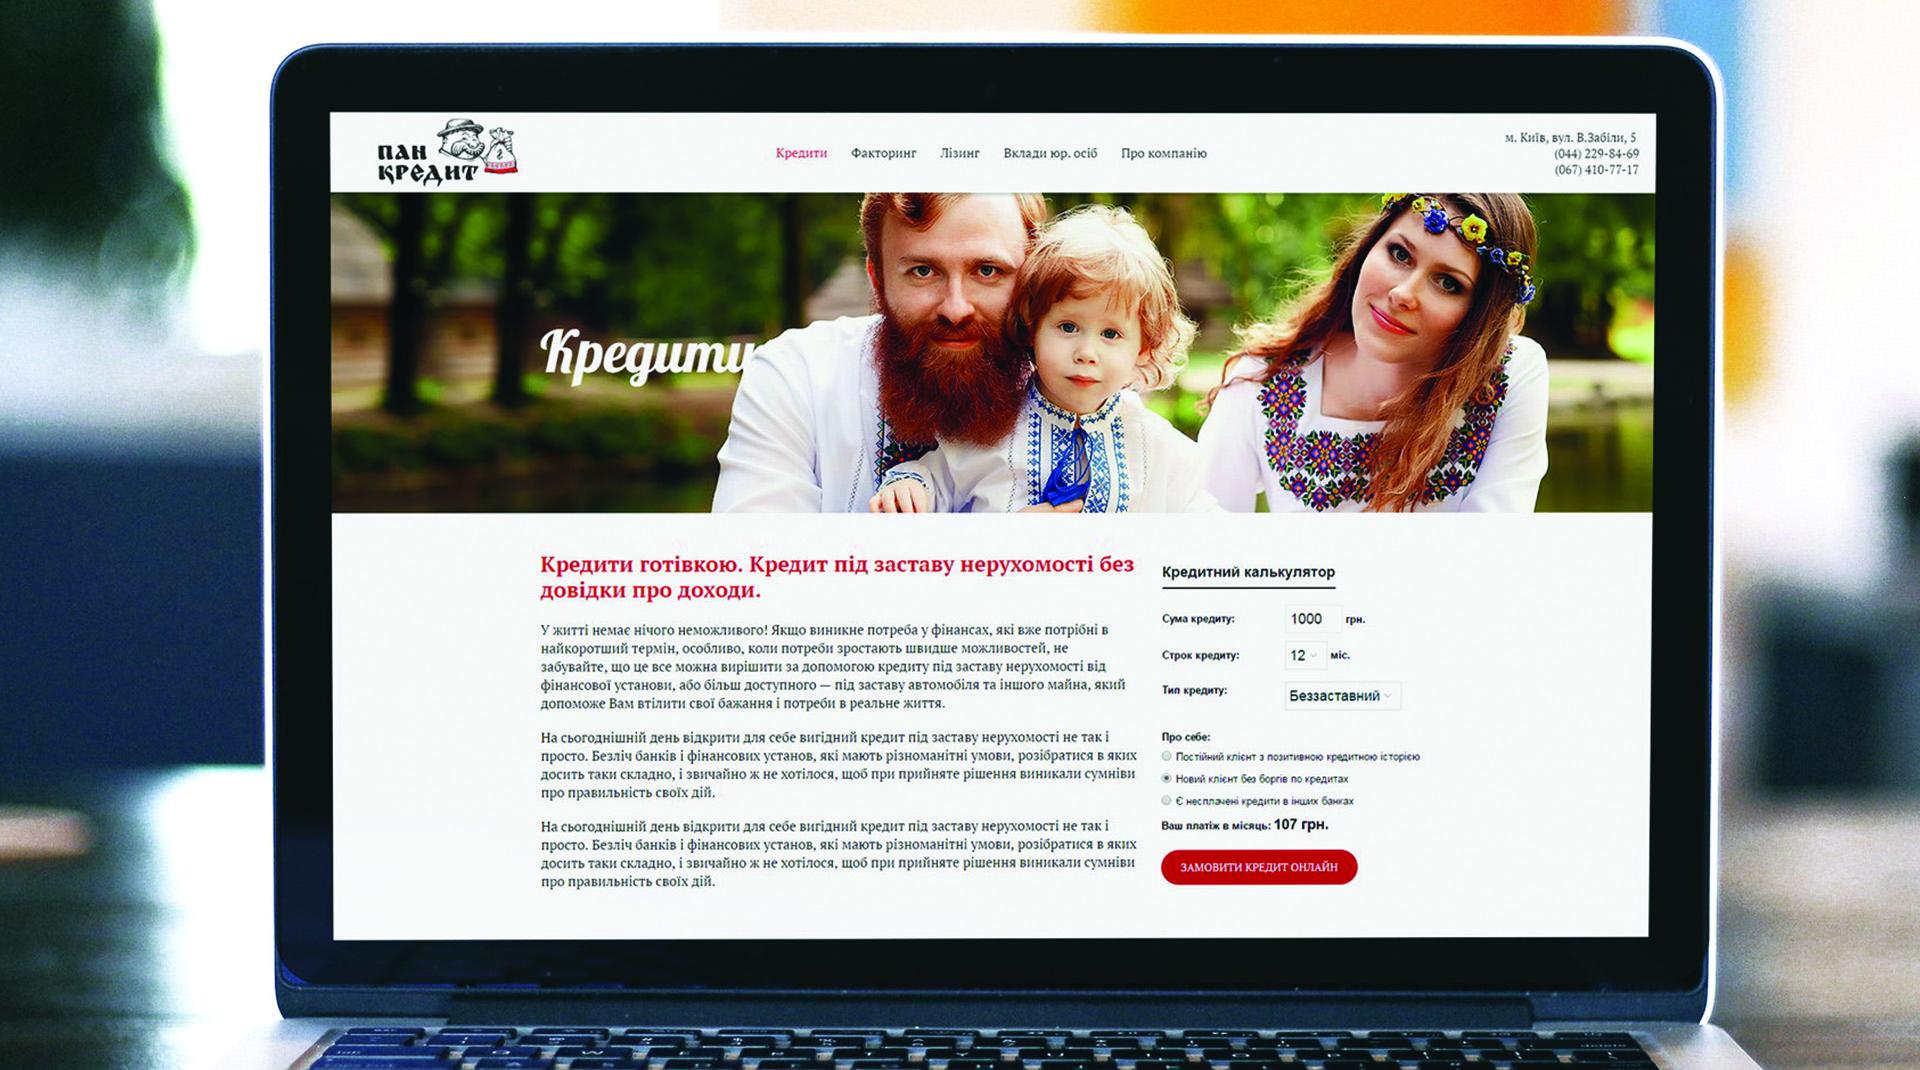 Дизайн сайта кредитной компании